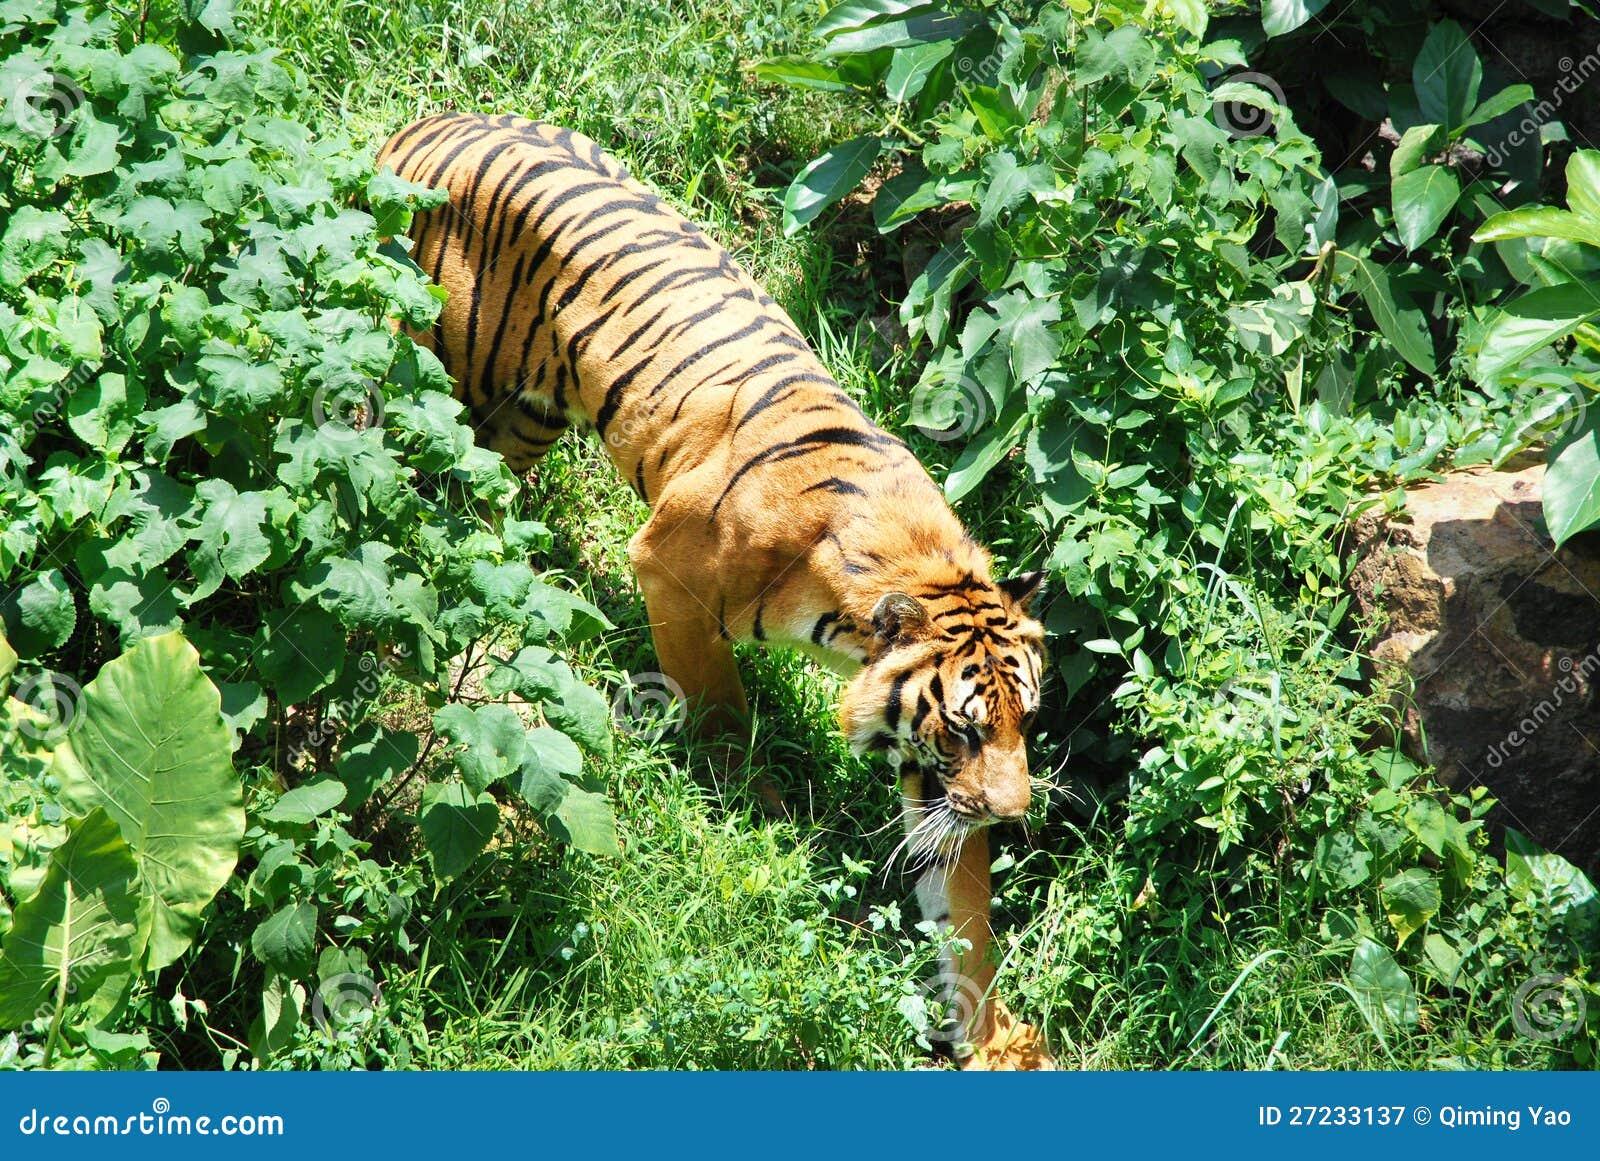 在草丛的老虎